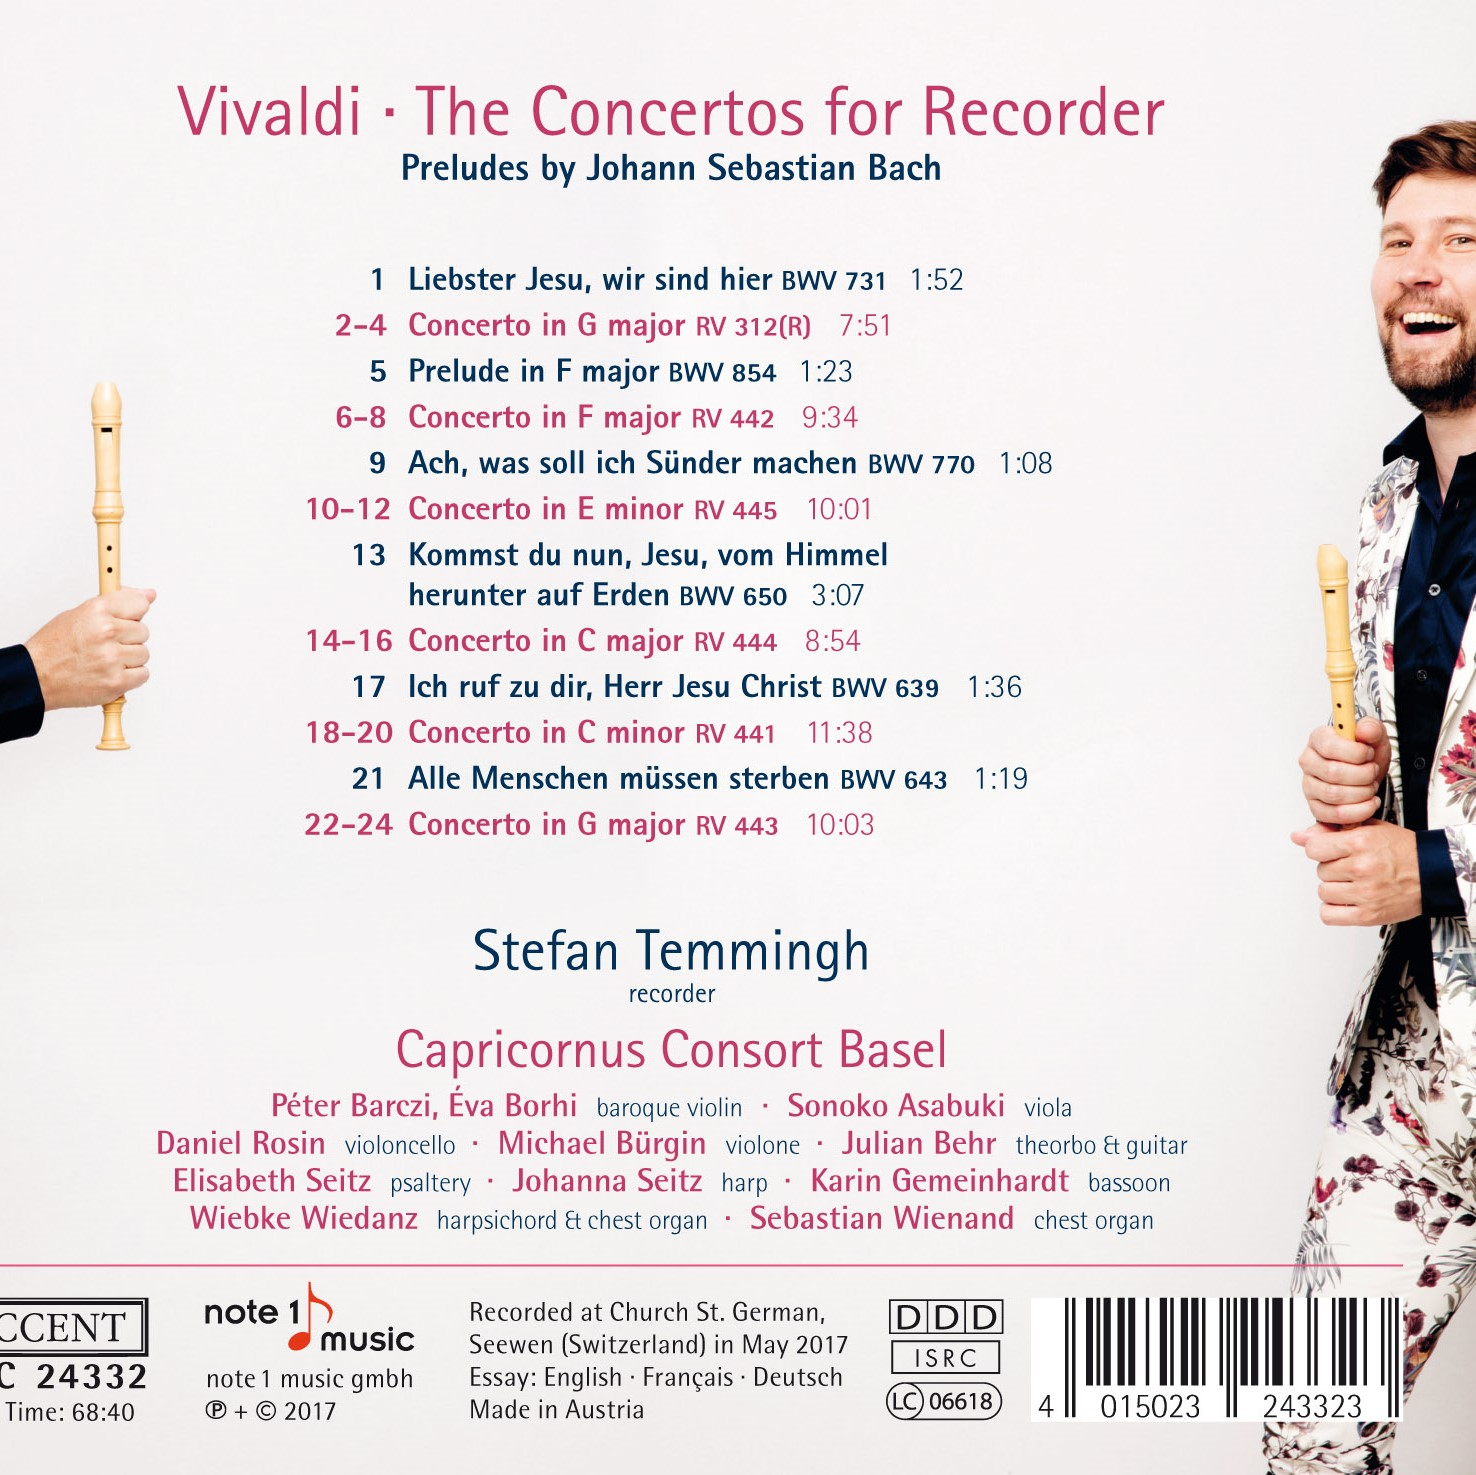 Cover-Vivaldi-Rueckseite